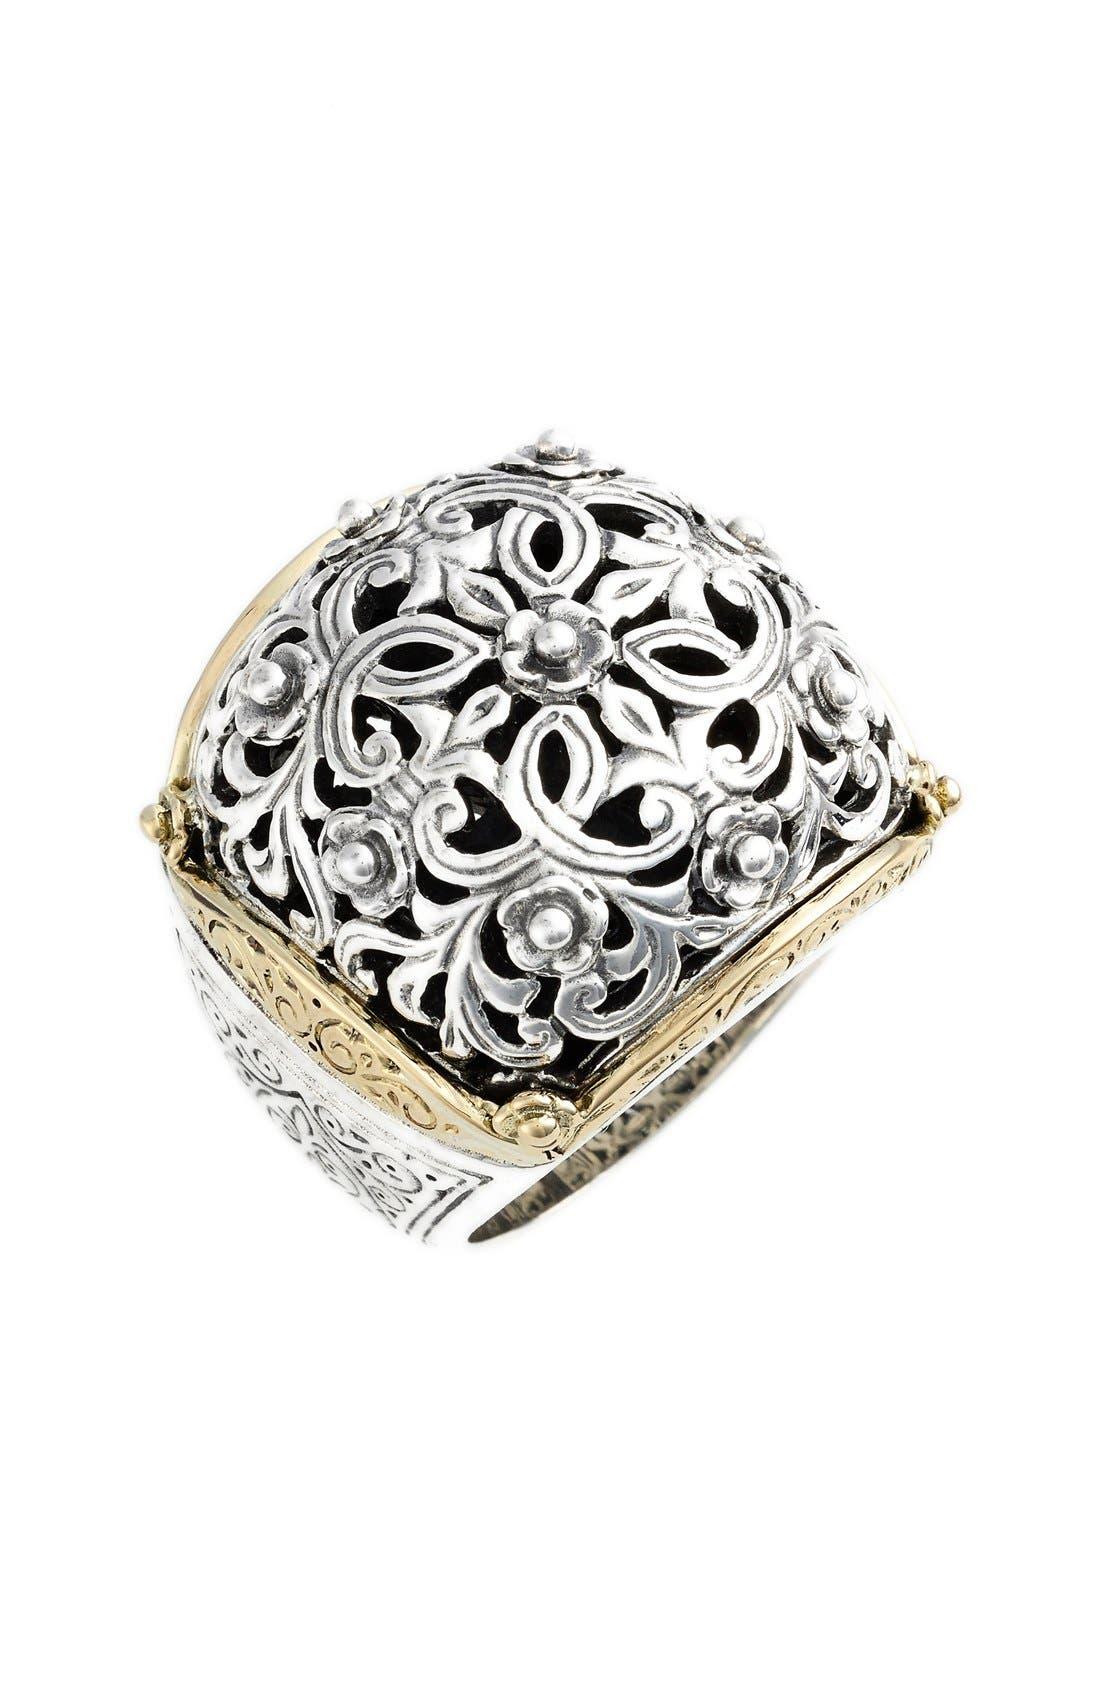 'Silver & Gold Classics' Filigree Ring,                             Main thumbnail 1, color,                             040